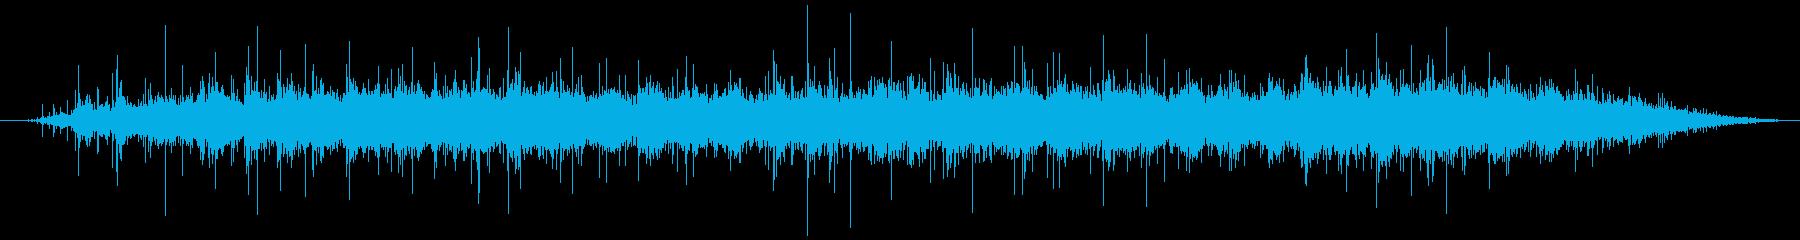 中規模の屋内の群集:拍手、拍手、拍手の再生済みの波形